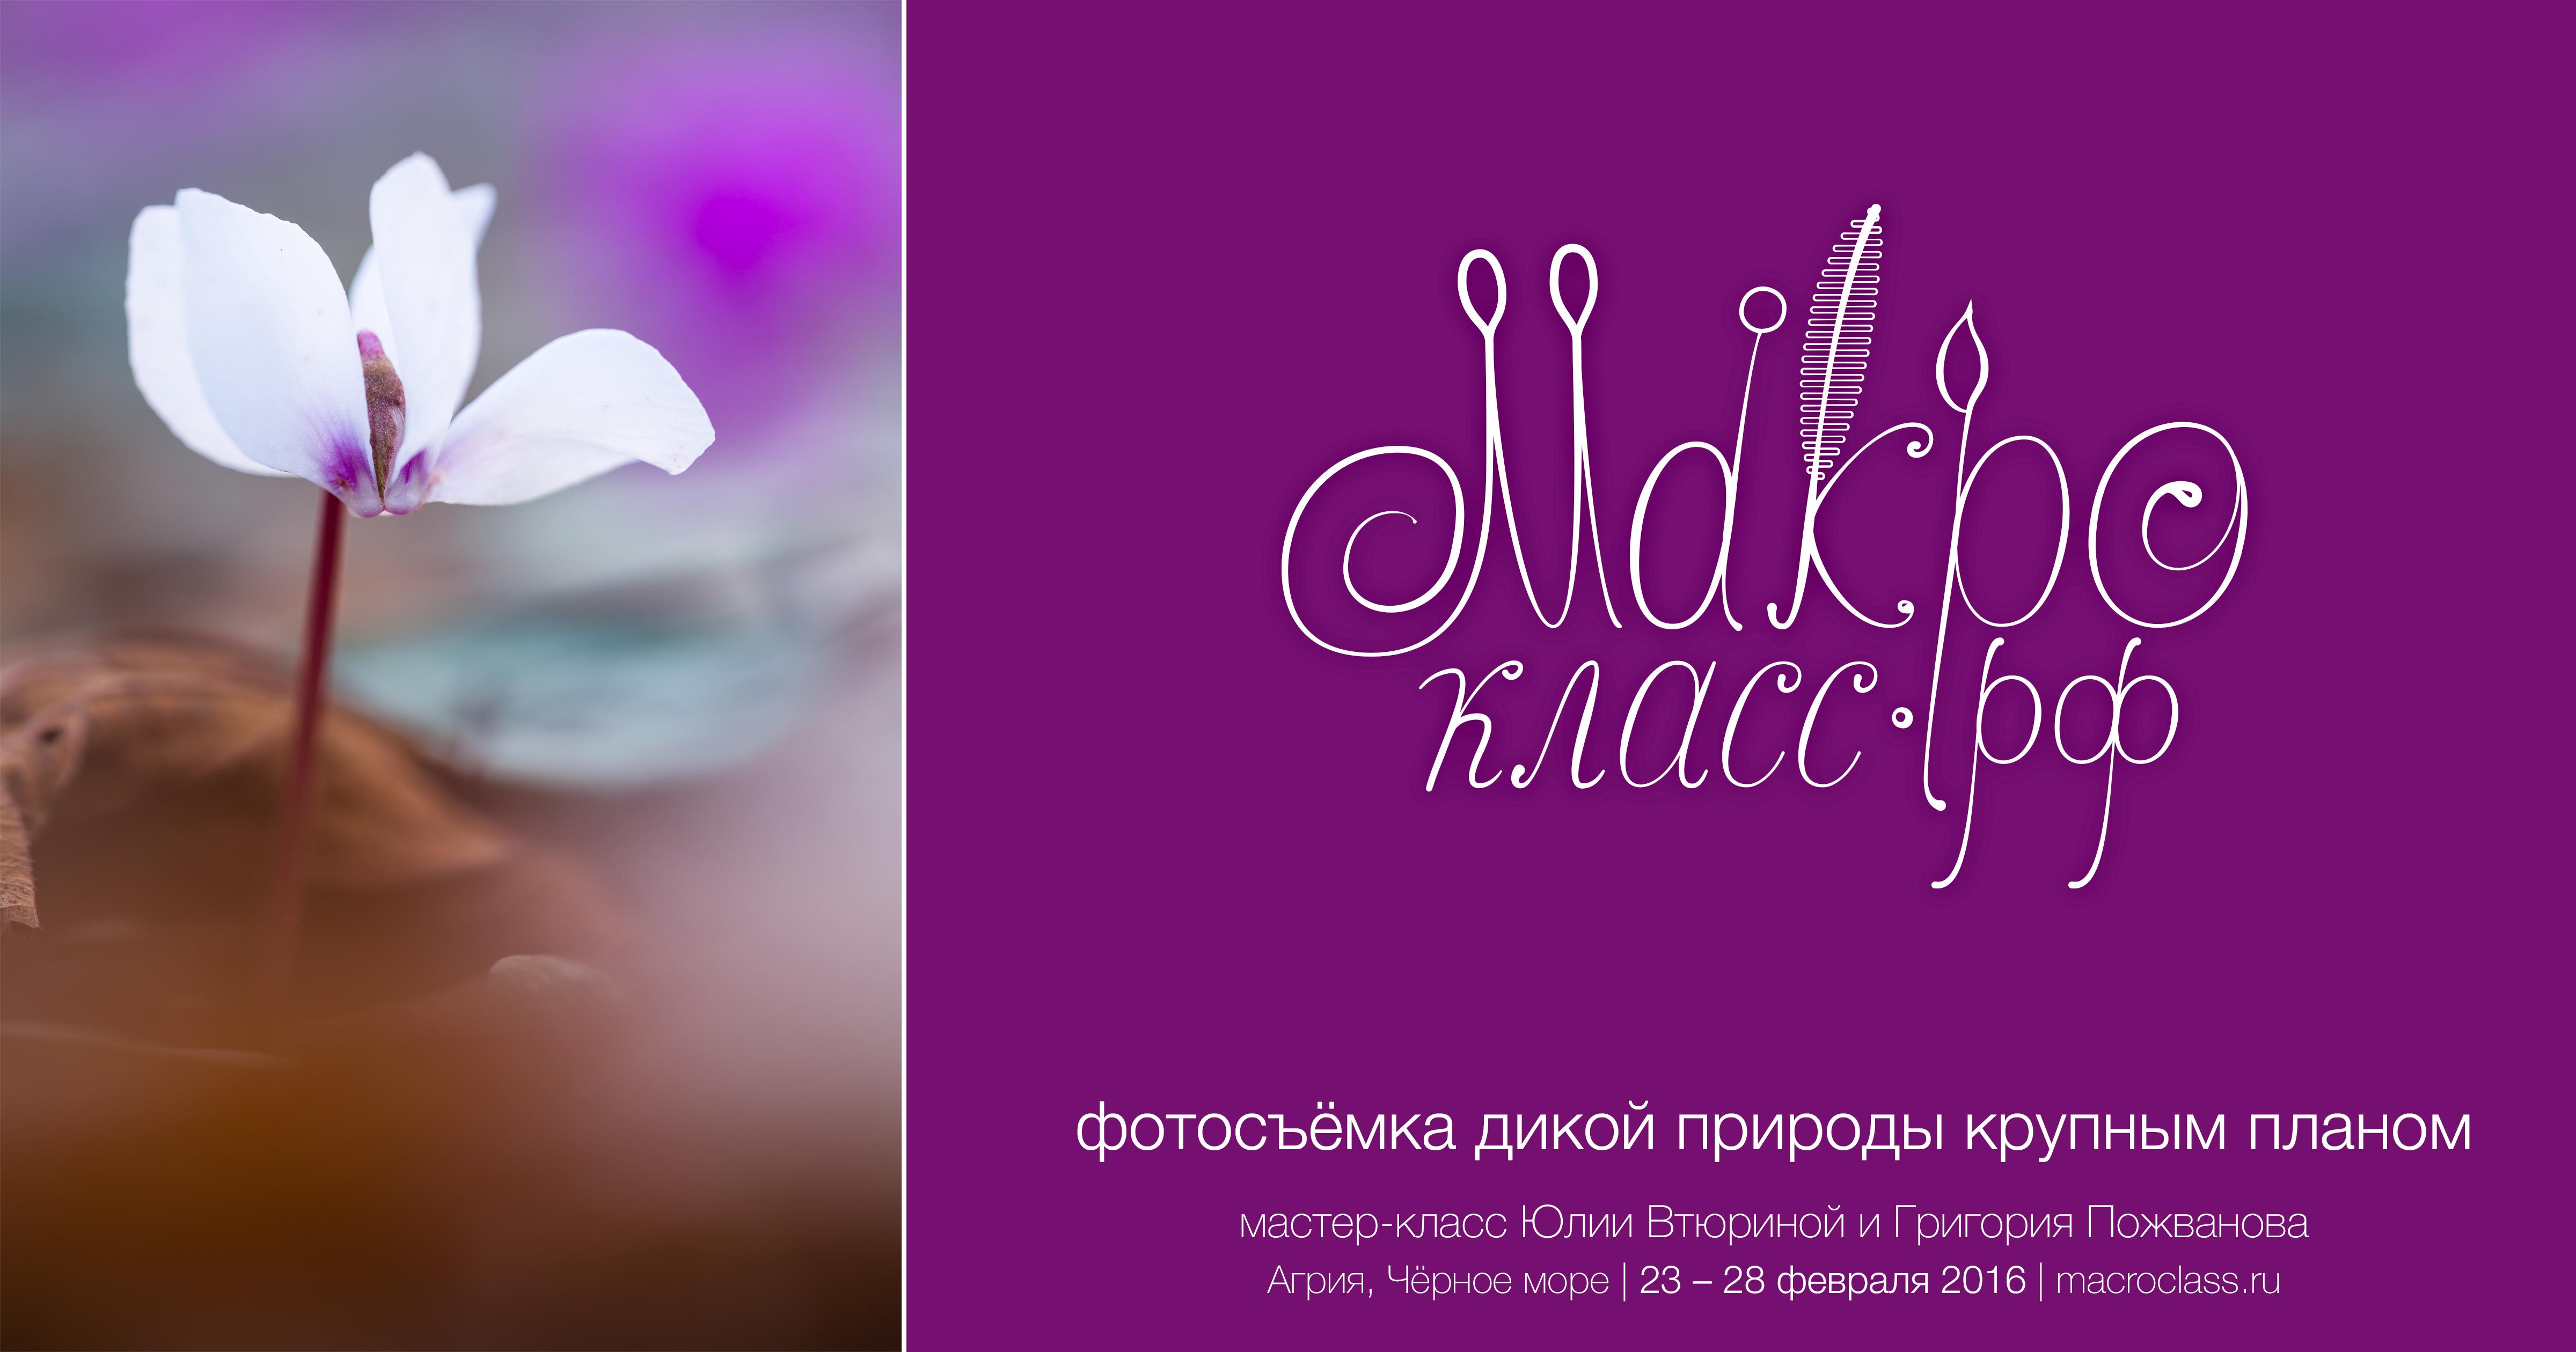 Вслед за весной с Макроклассом – Григорий Пожванов и Юлия Втюрина в штаб-квартире РГО 16.03.2016 в 18:30